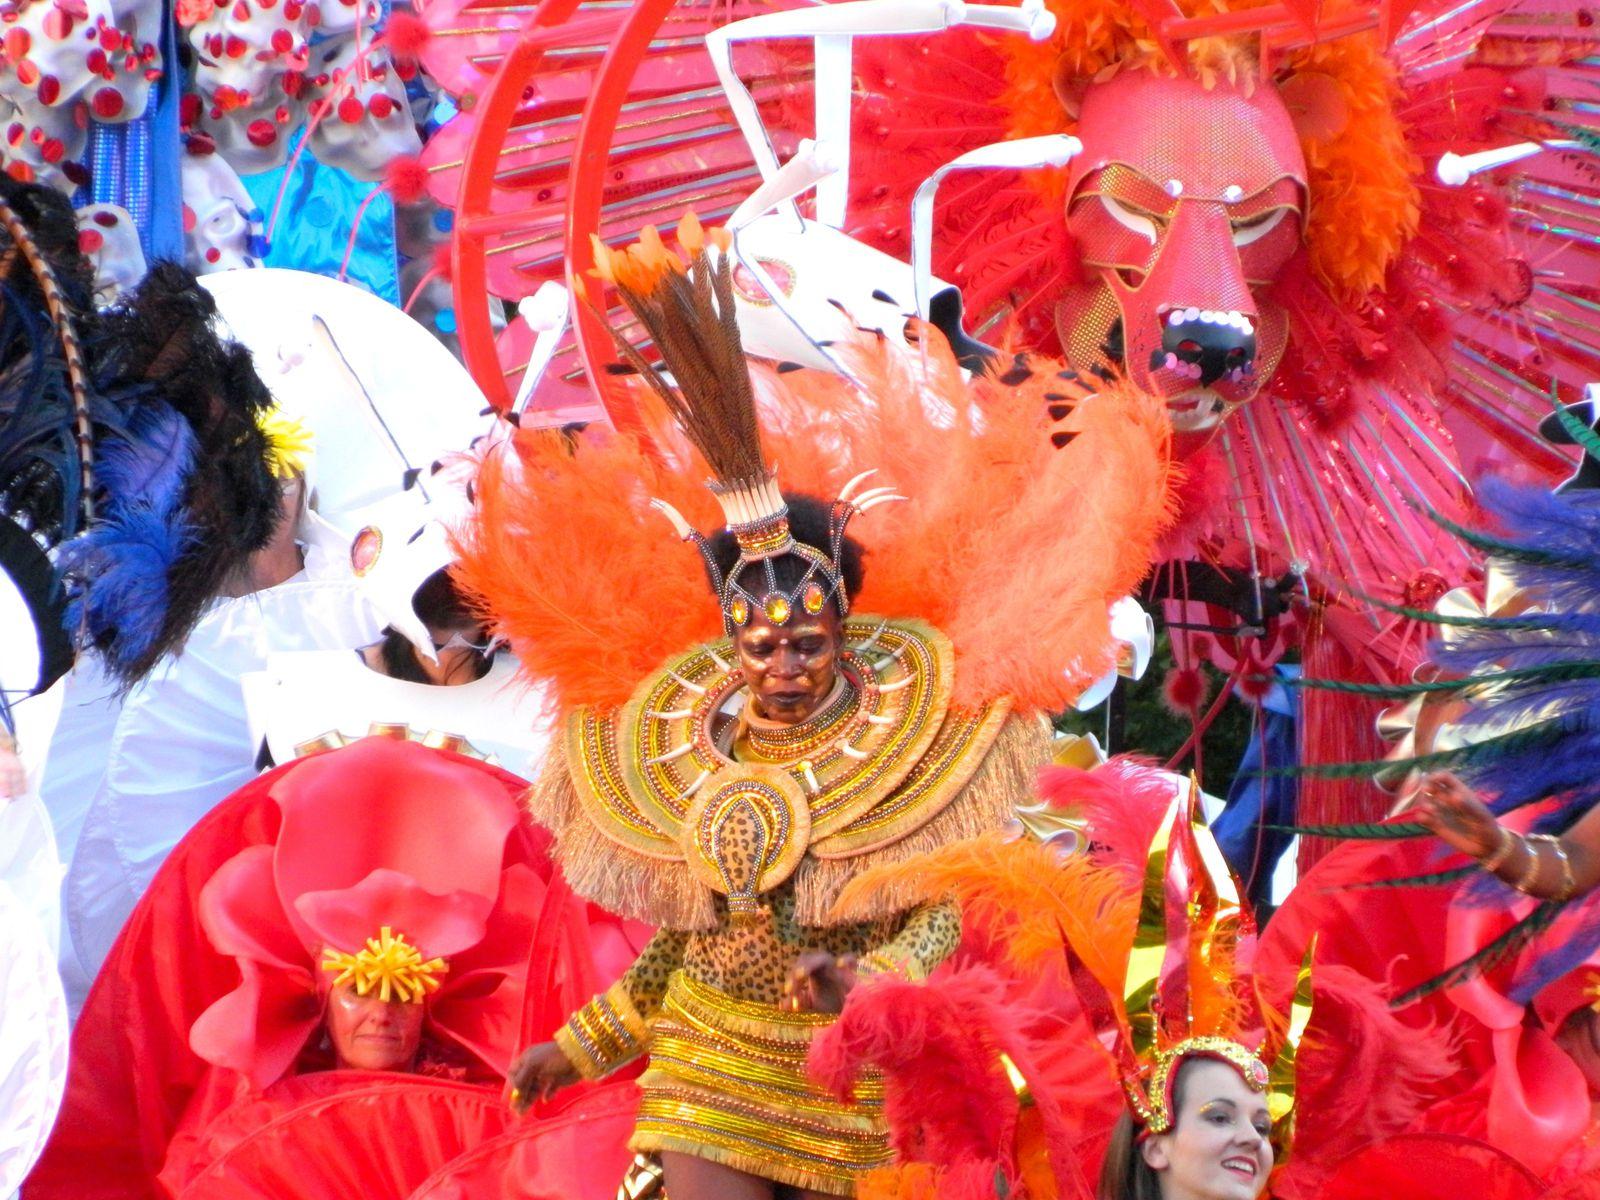 Les Habits du Dimanche - Thames Festival